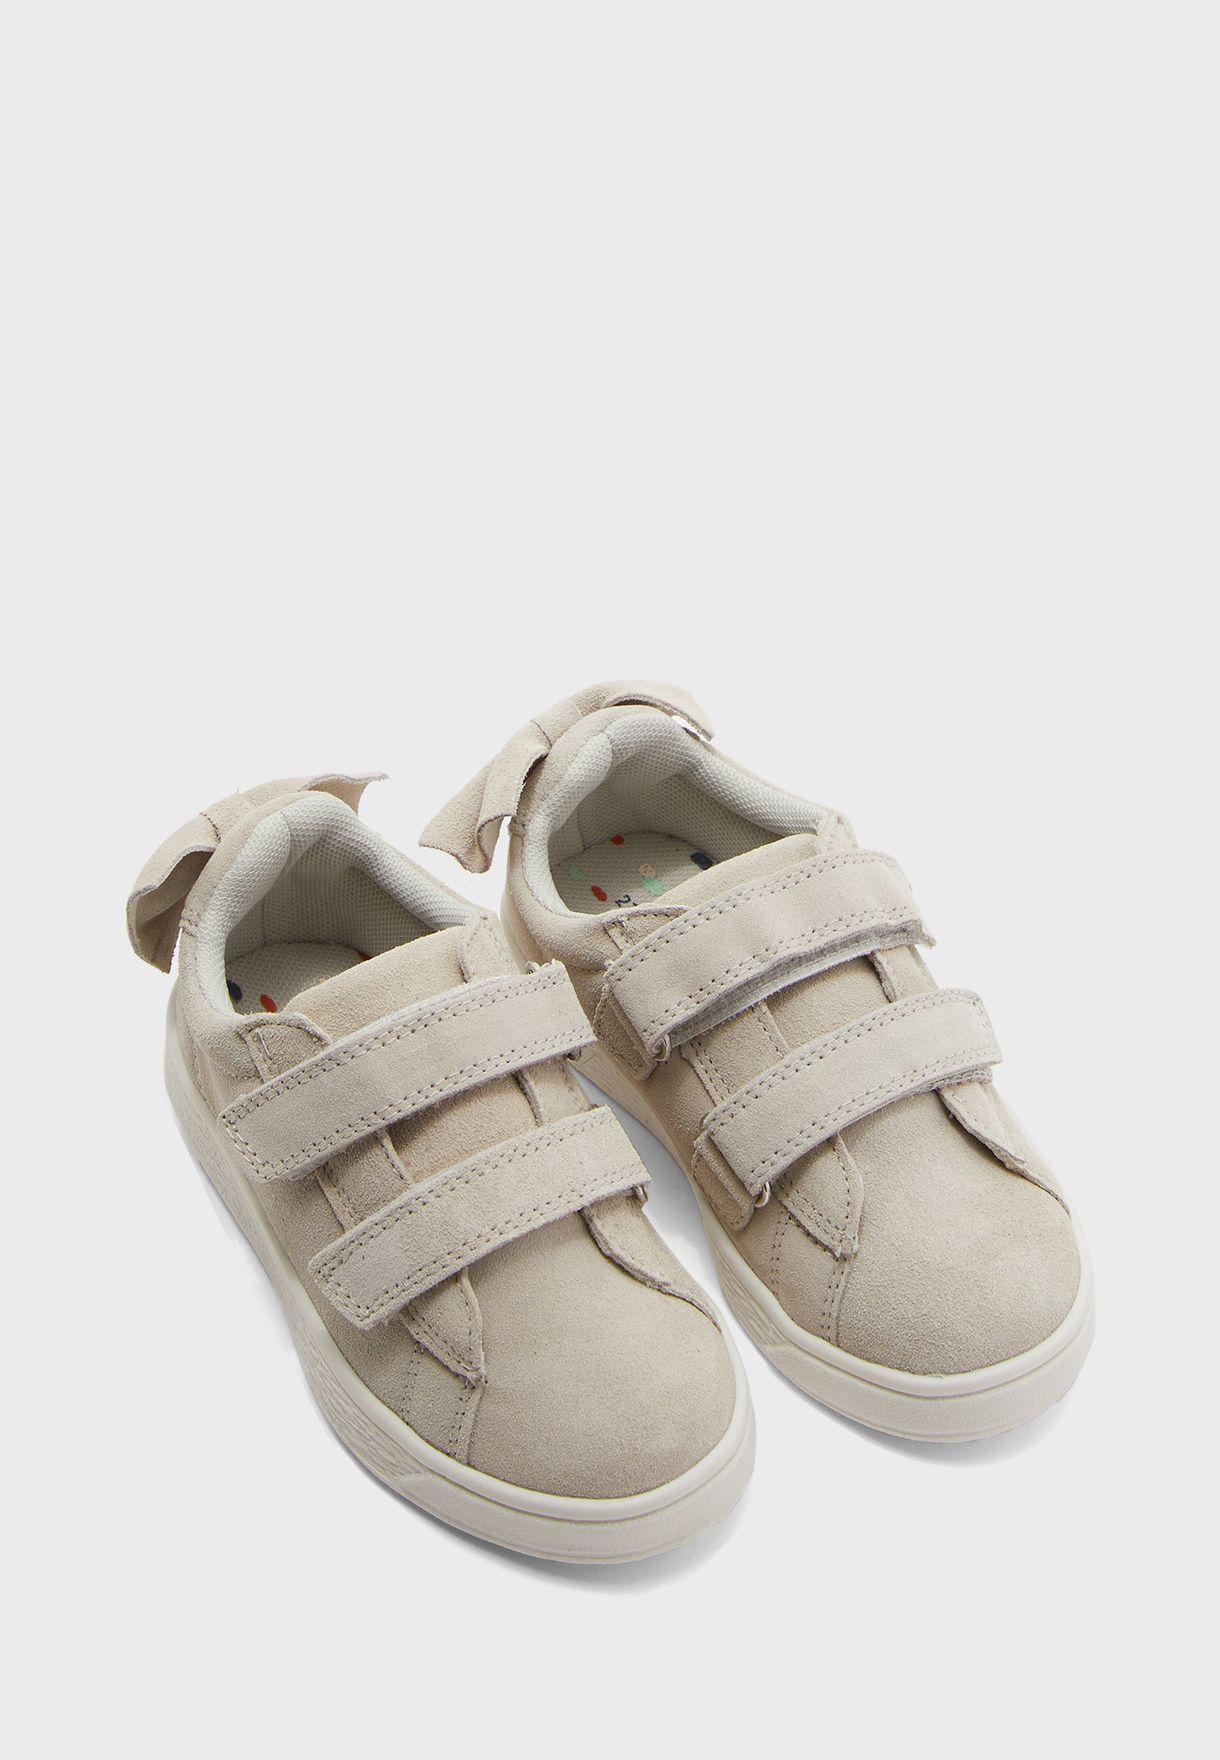 Kids Low Top Sneakers